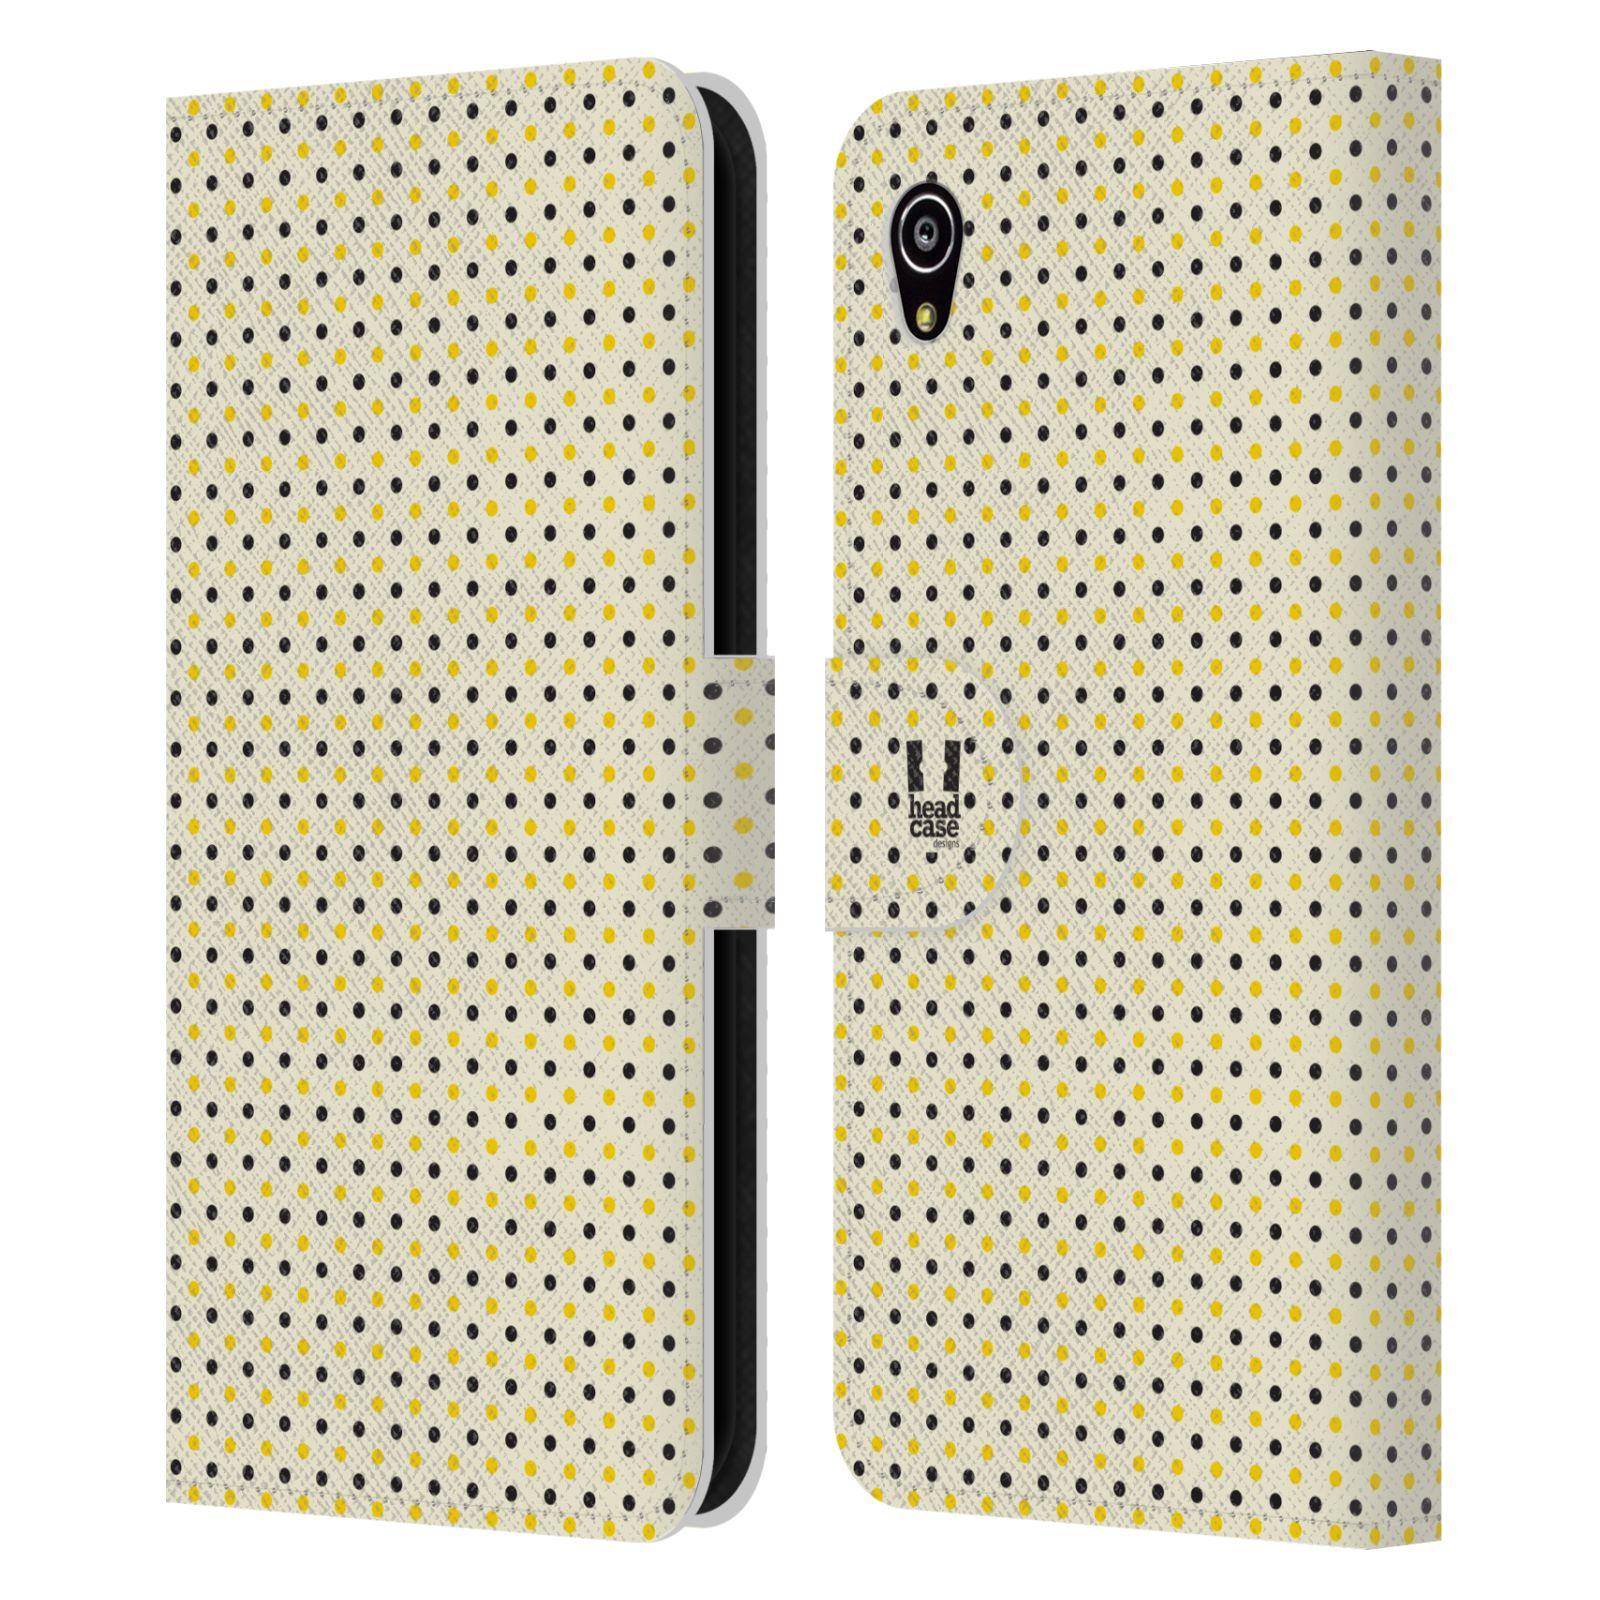 HEAD CASE Flipové pouzdro pro mobil SONY XPERIA M4 AQUA VČELÍ VZOR tečky a puntíky